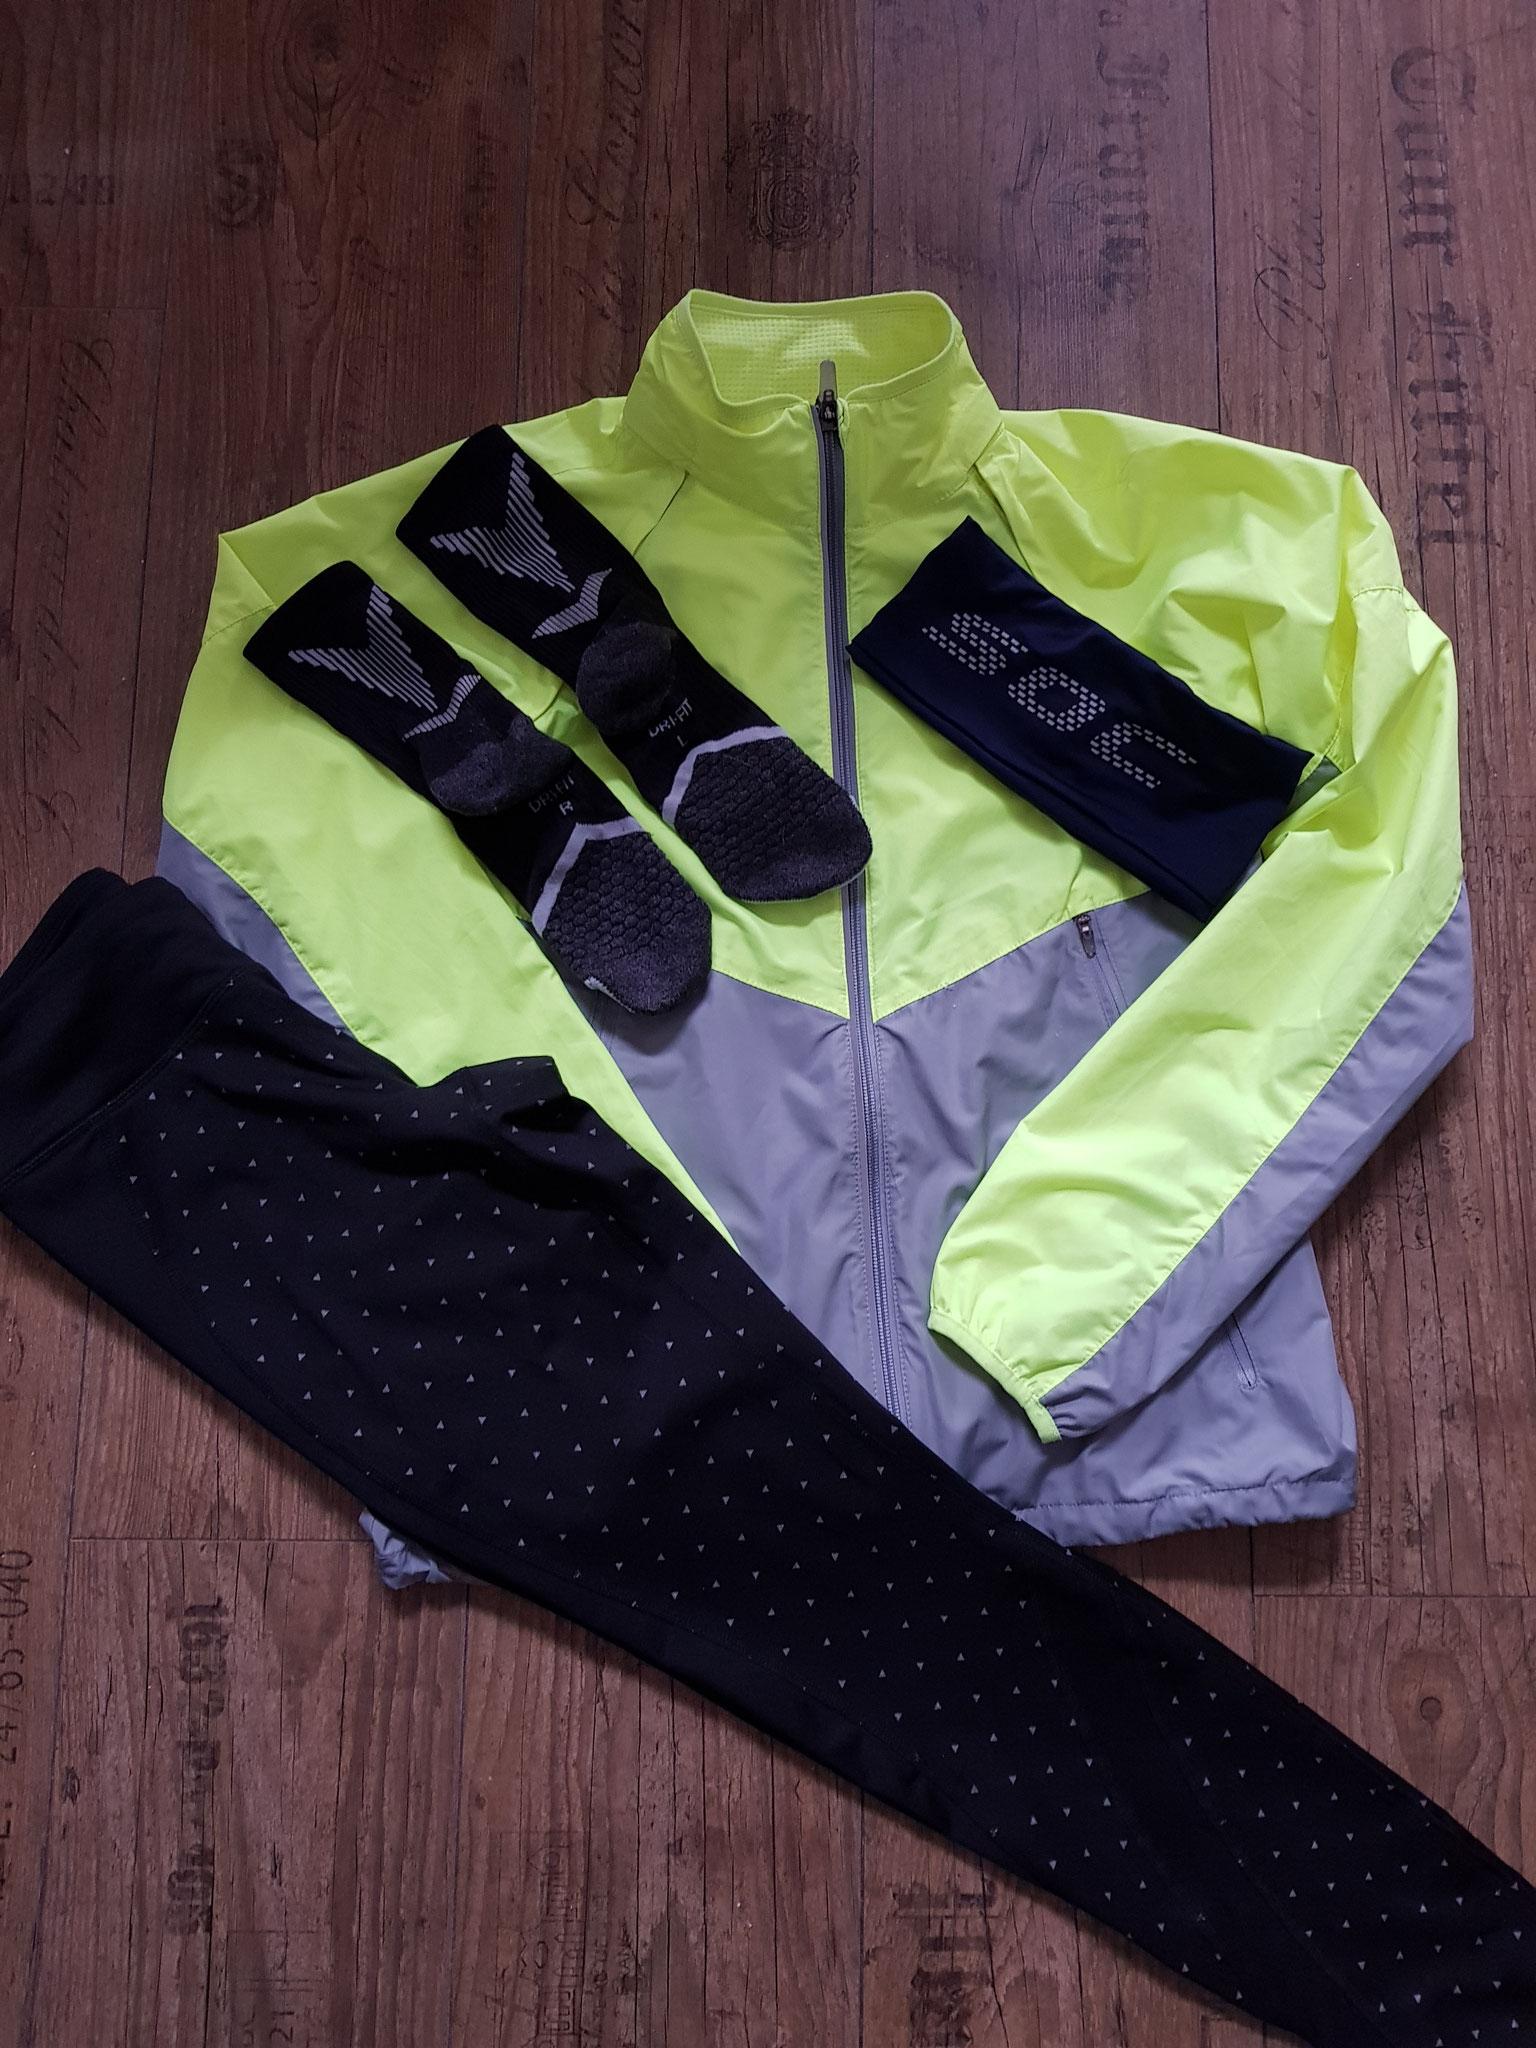 Ohne Blitz - Socken und Jacke von Nike - Hose von Tchibo - Stirnband von S.O.C